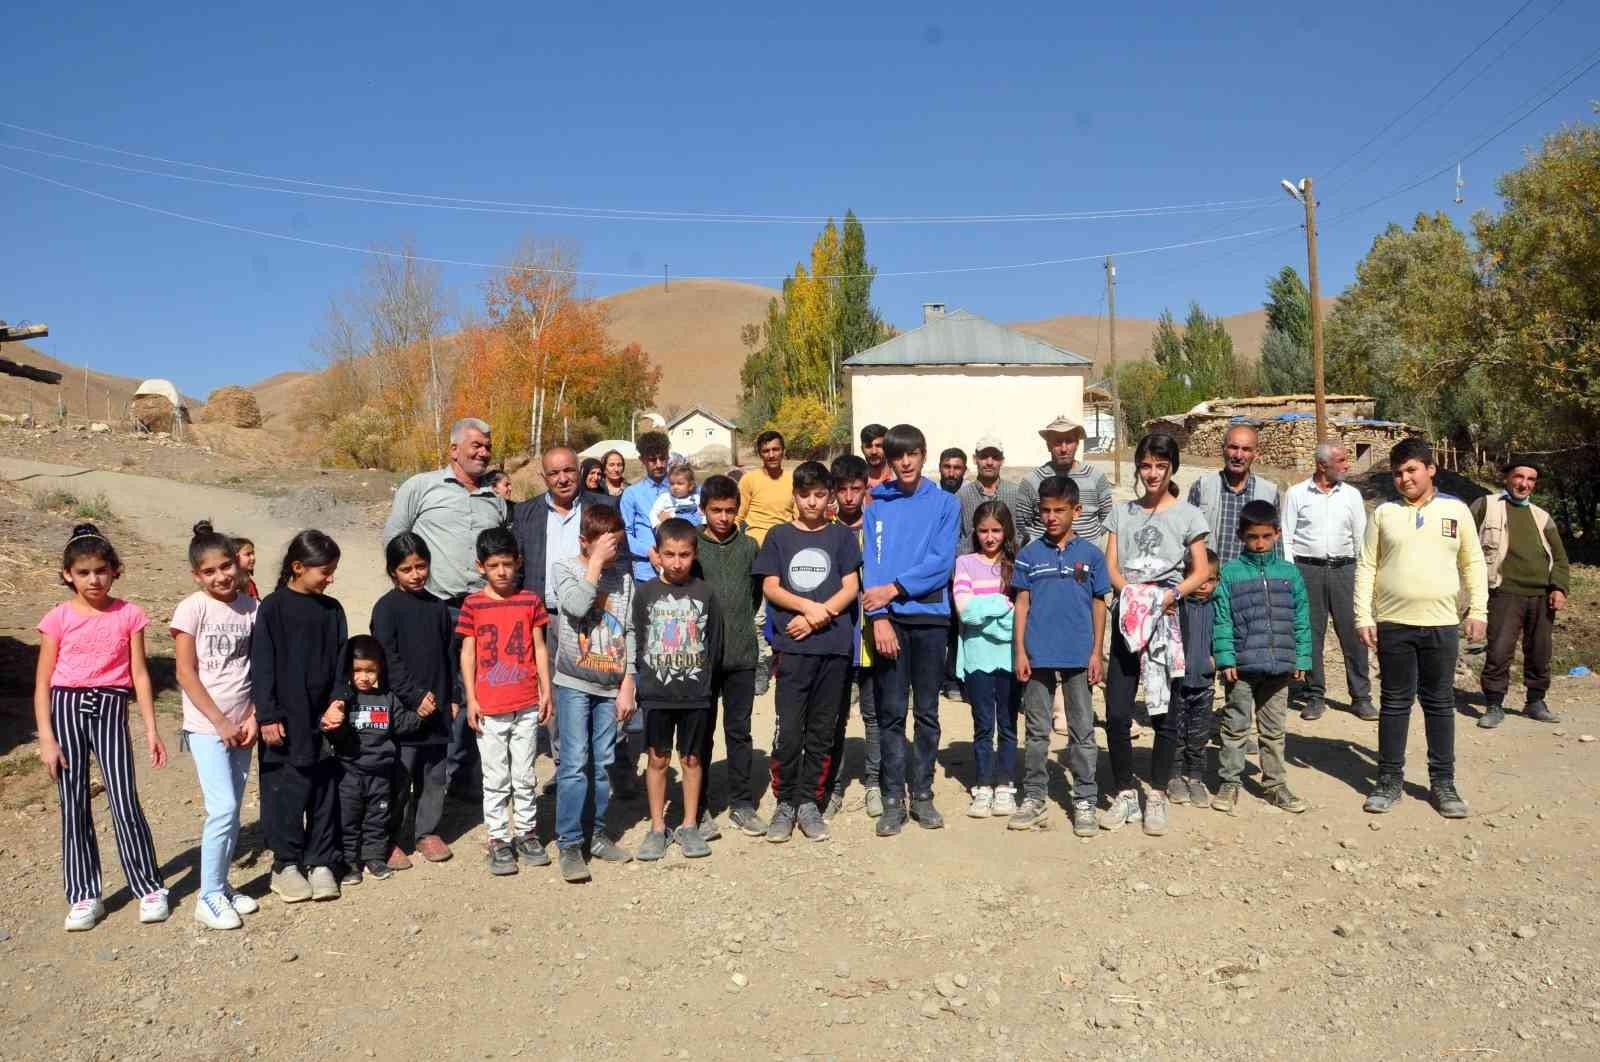 Okula ulaşmak için her gün kendi imkanlarıyla 30 kilometre yol gidiyorlar #hakkari